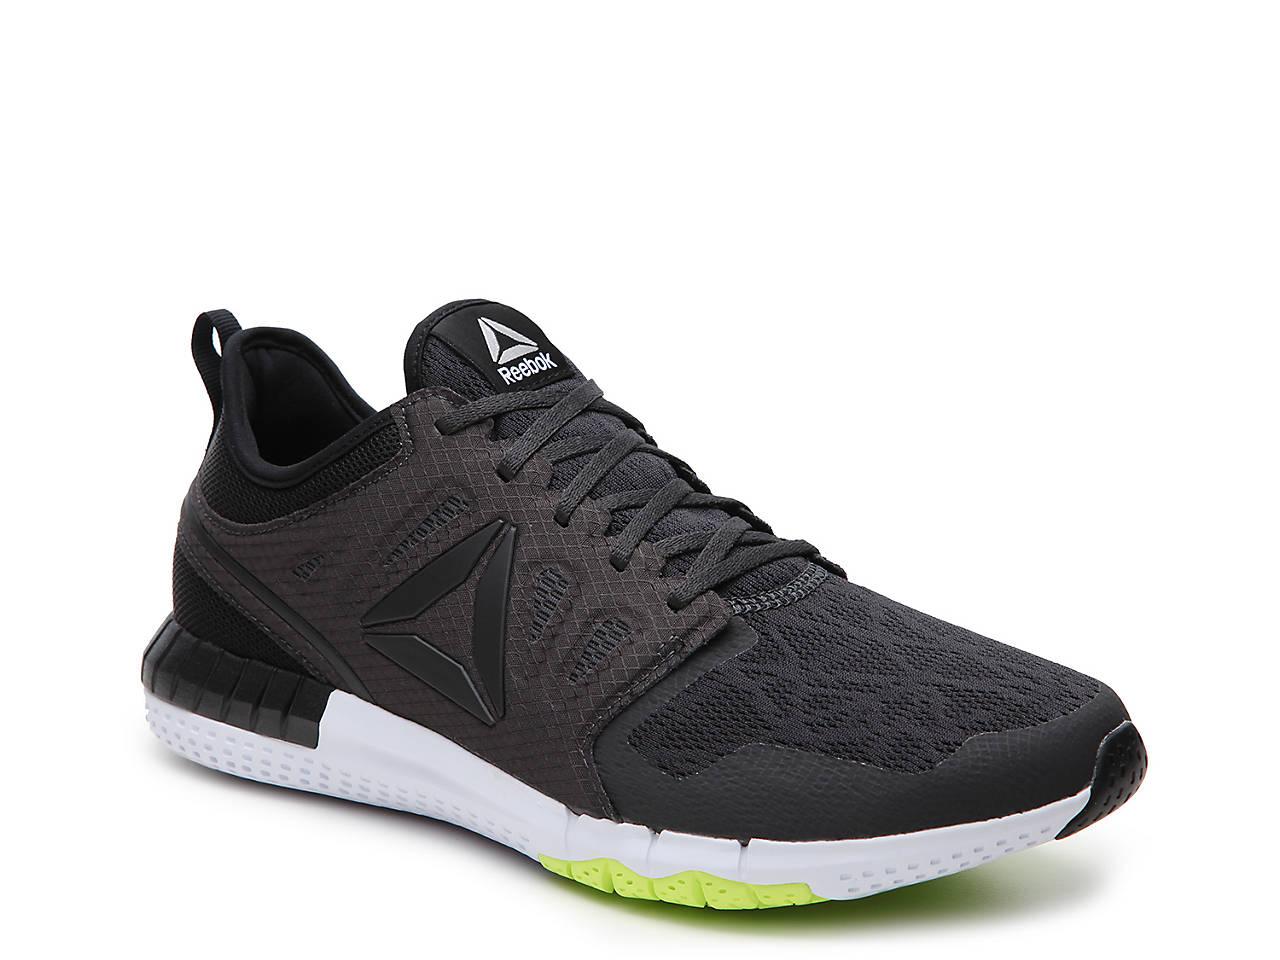 ZPrint 3D Lightweight Running Shoe - Men's